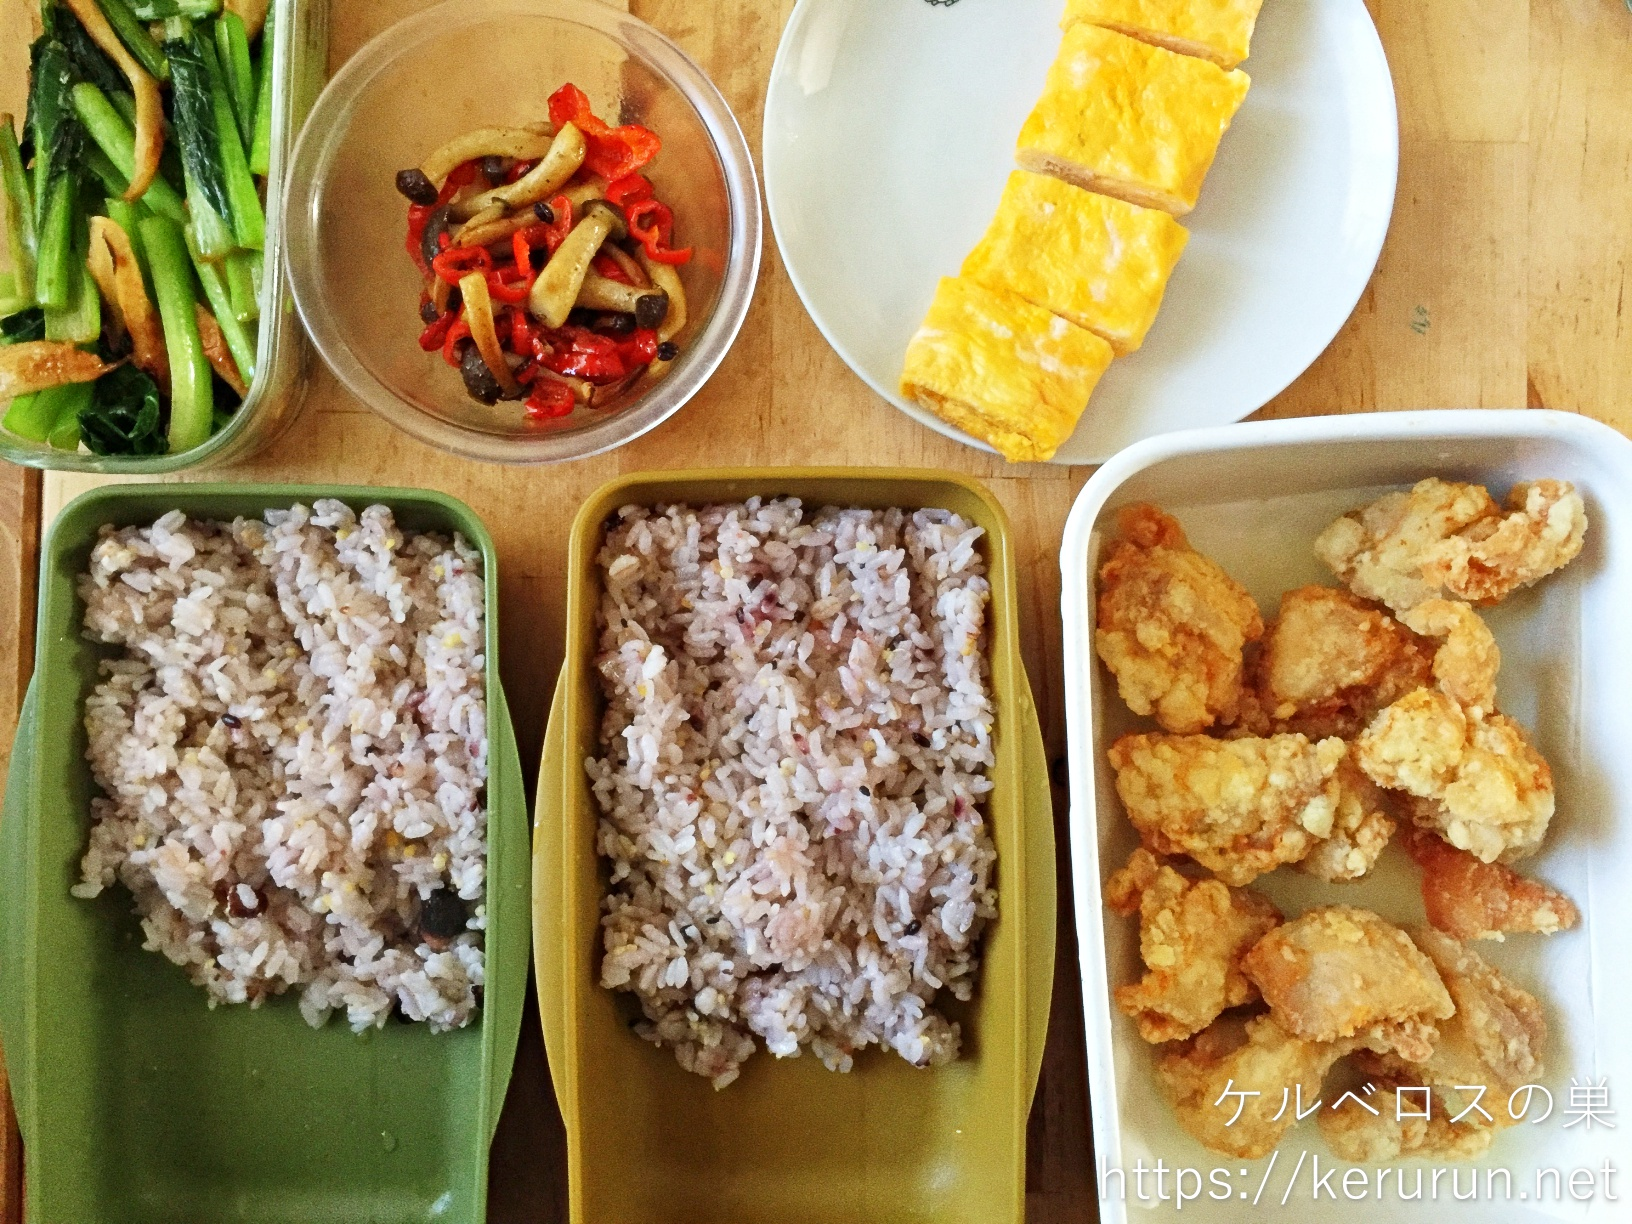 コストコのさくらどりもも肉で作る塩唐揚げのお弁当